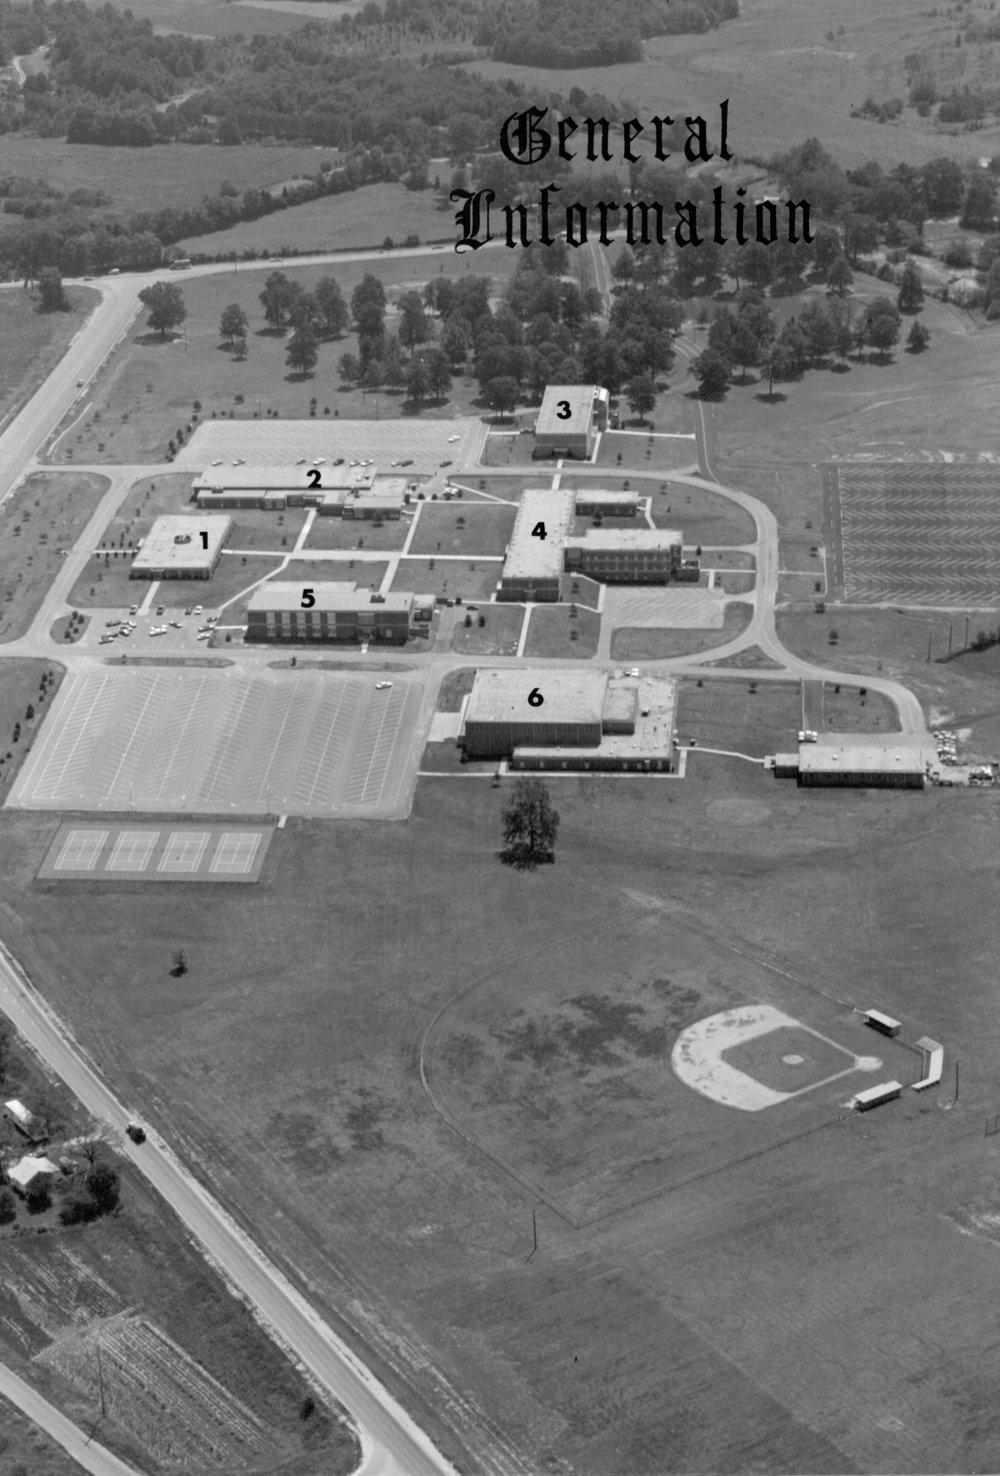 Original campus